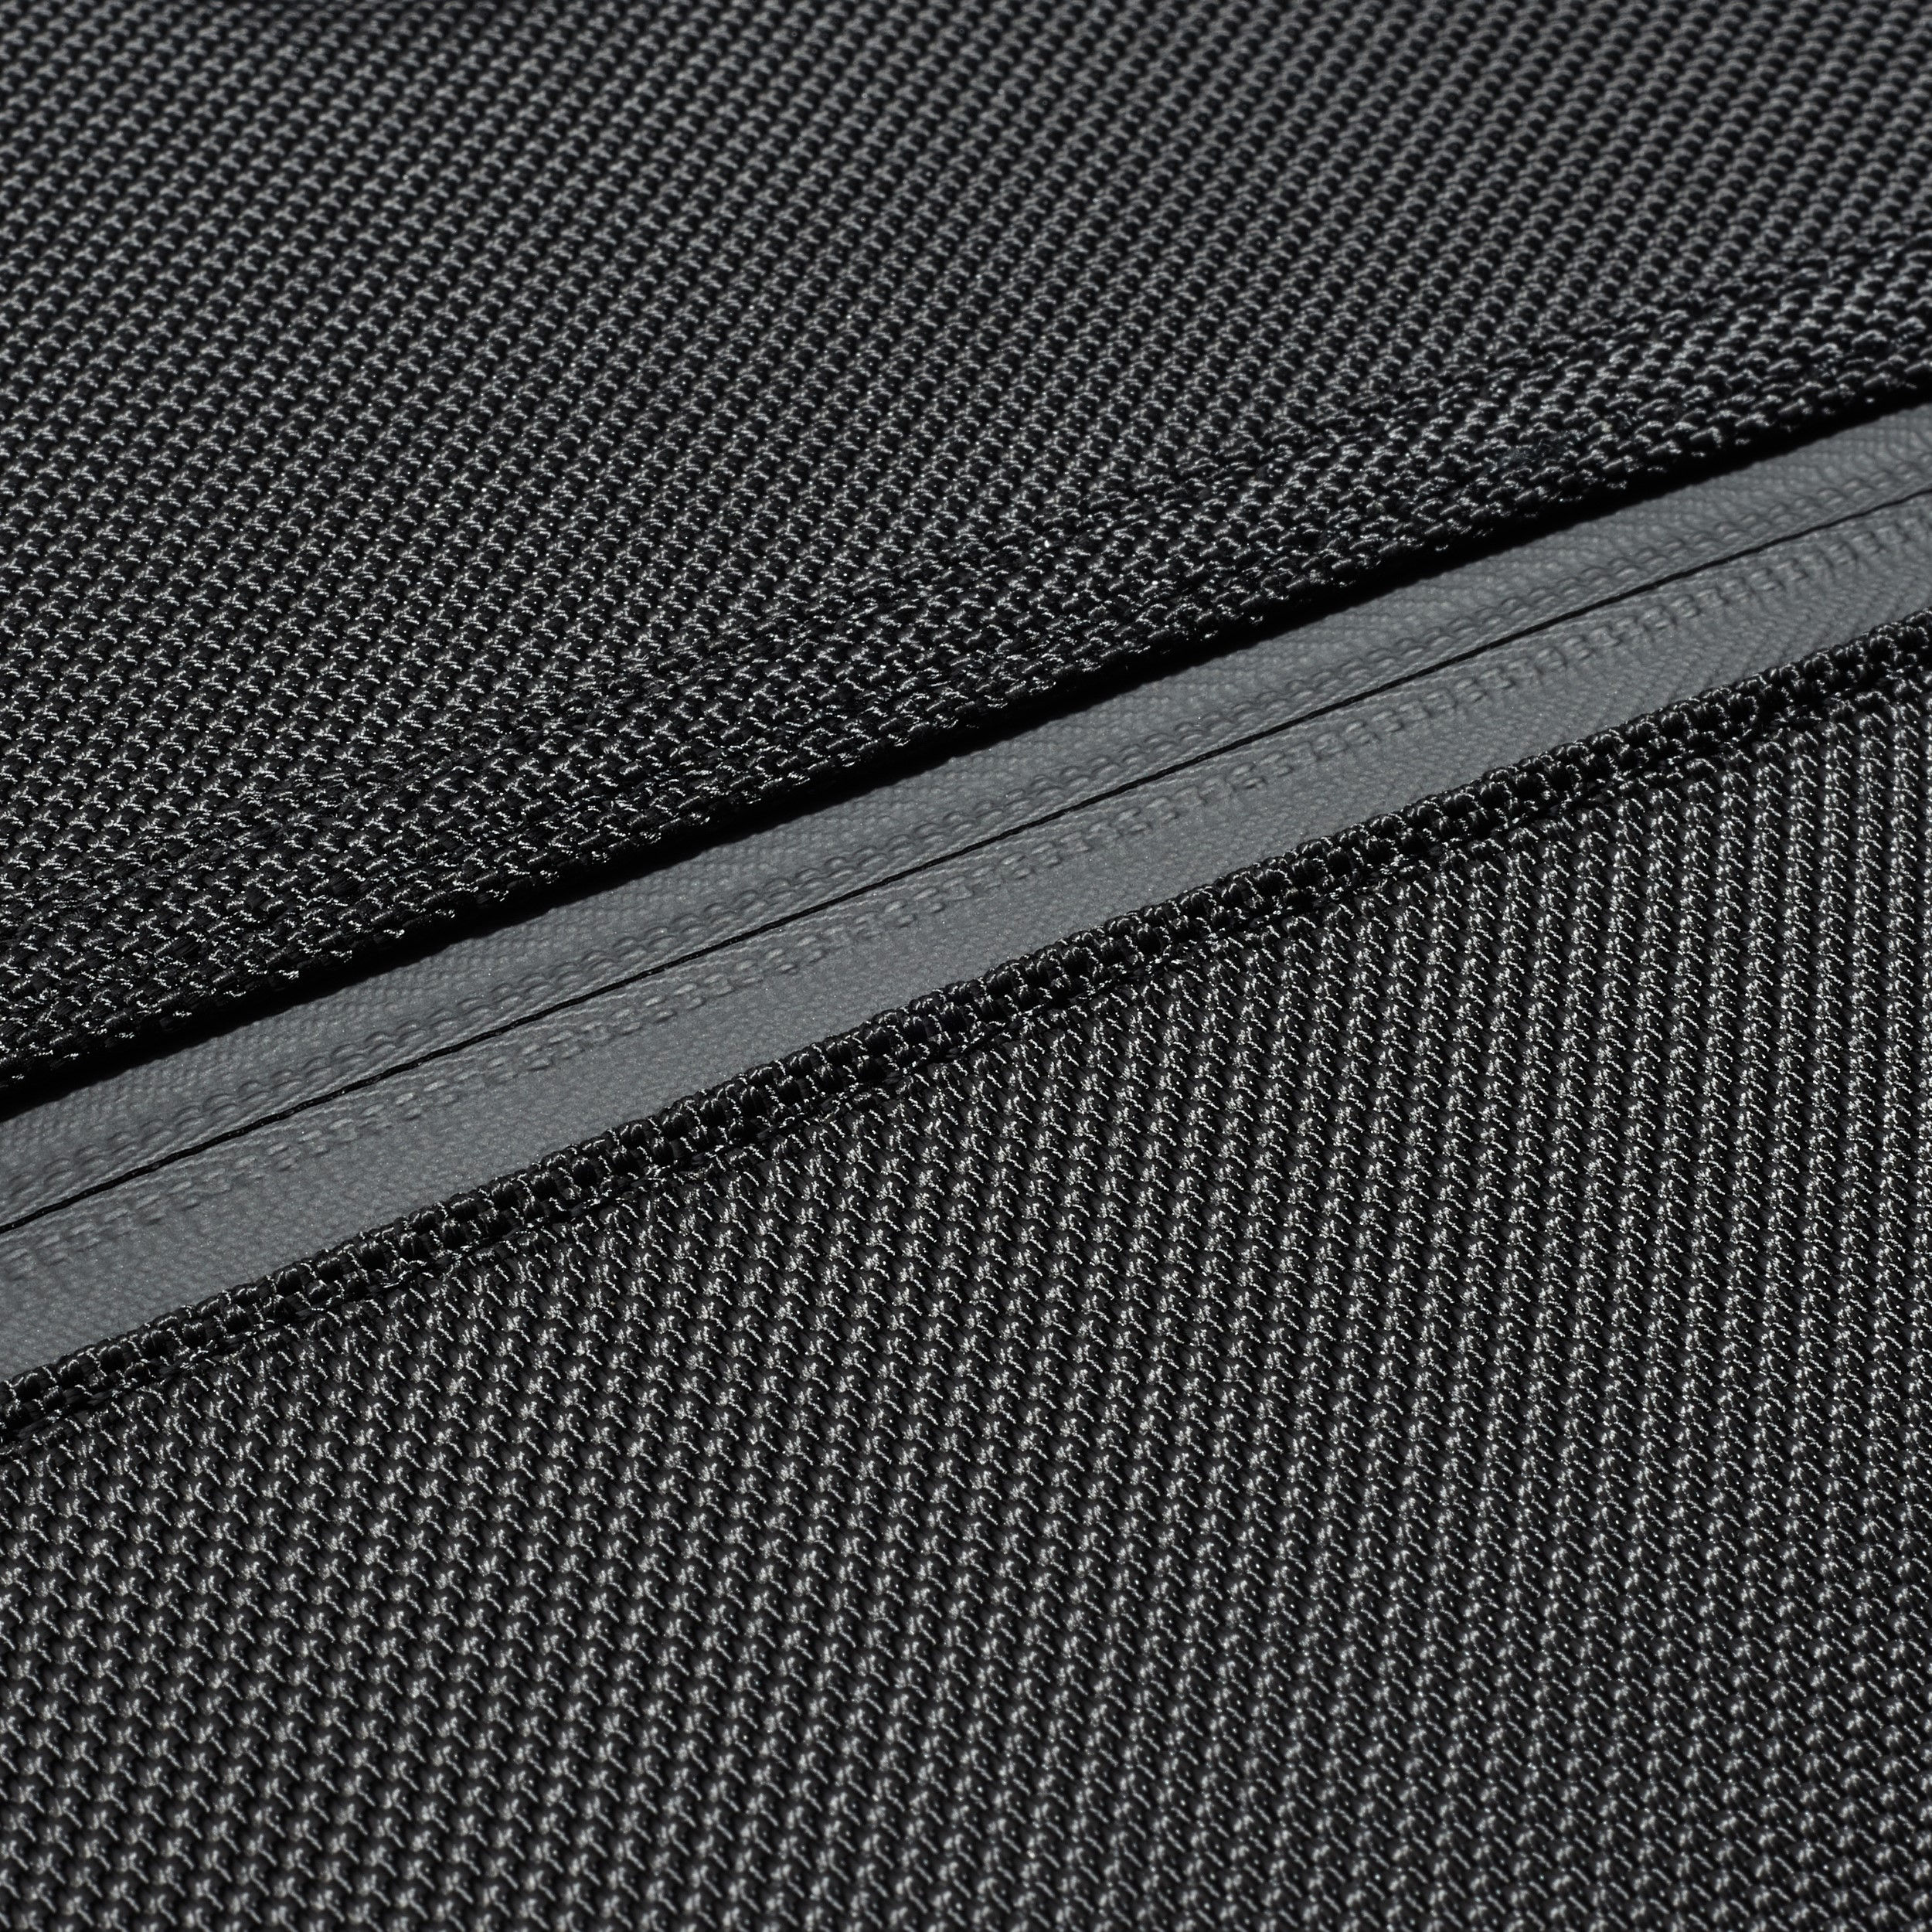 کوله پشتی لپ تاپ دلسی مدل LAUMIERE کد 2193603 مناسب لپ تاپ 13.3 اینچی